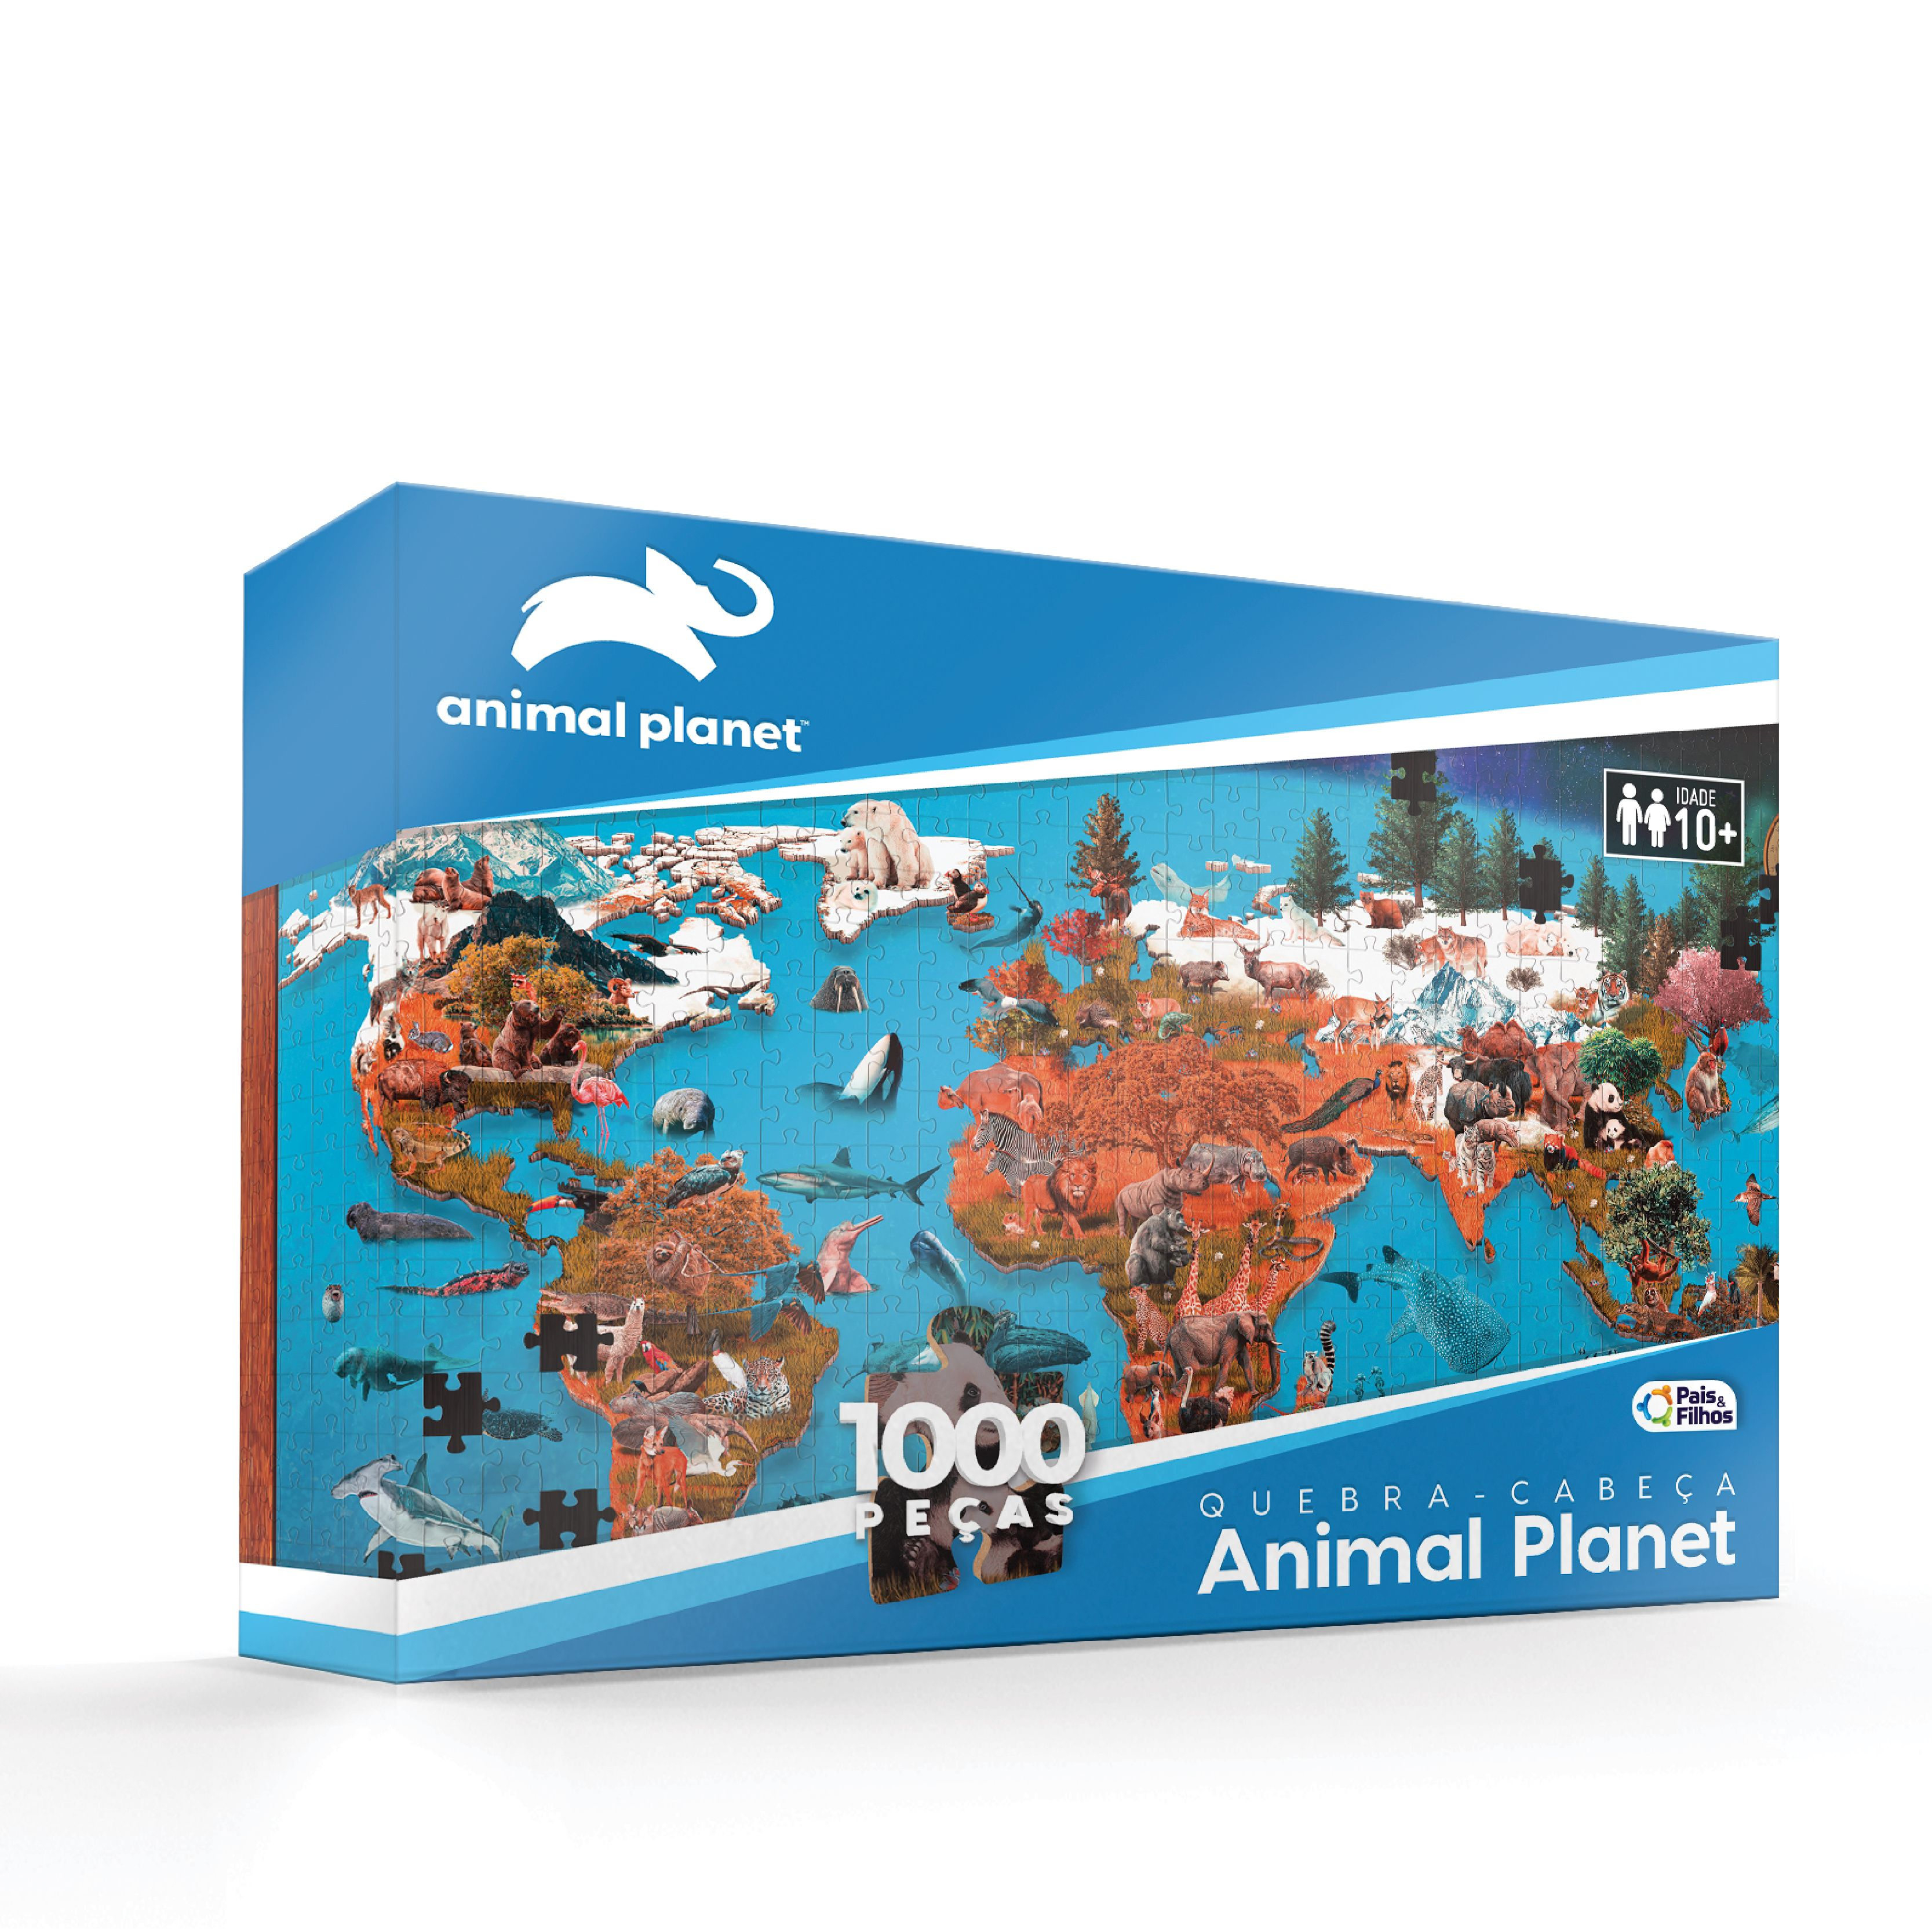 Quebra-cabeça Animal Planet 1000P-790213